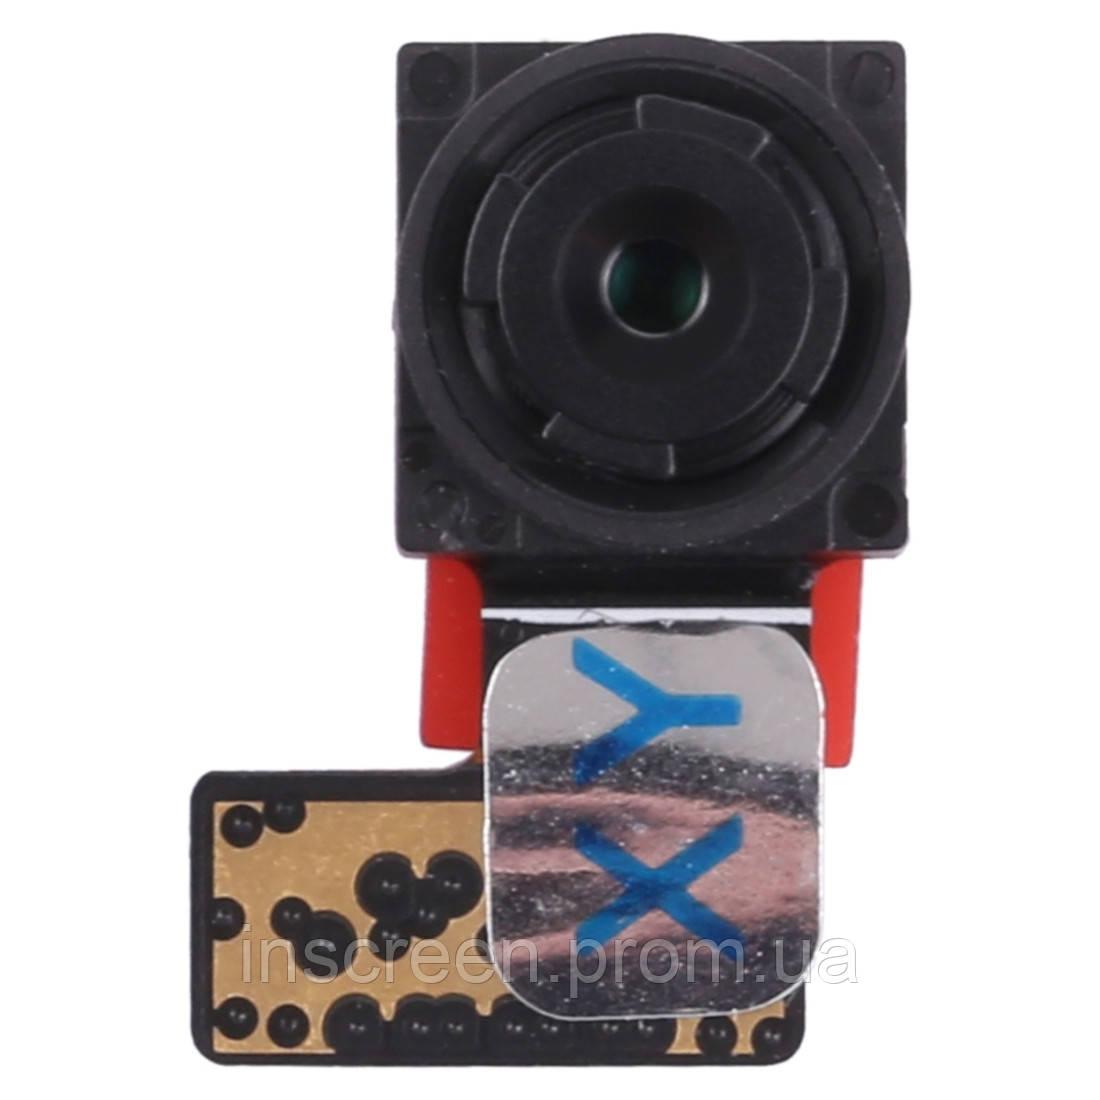 Камера Xiaomi Redmi 4A фронтальна (маленька) на шлейфі